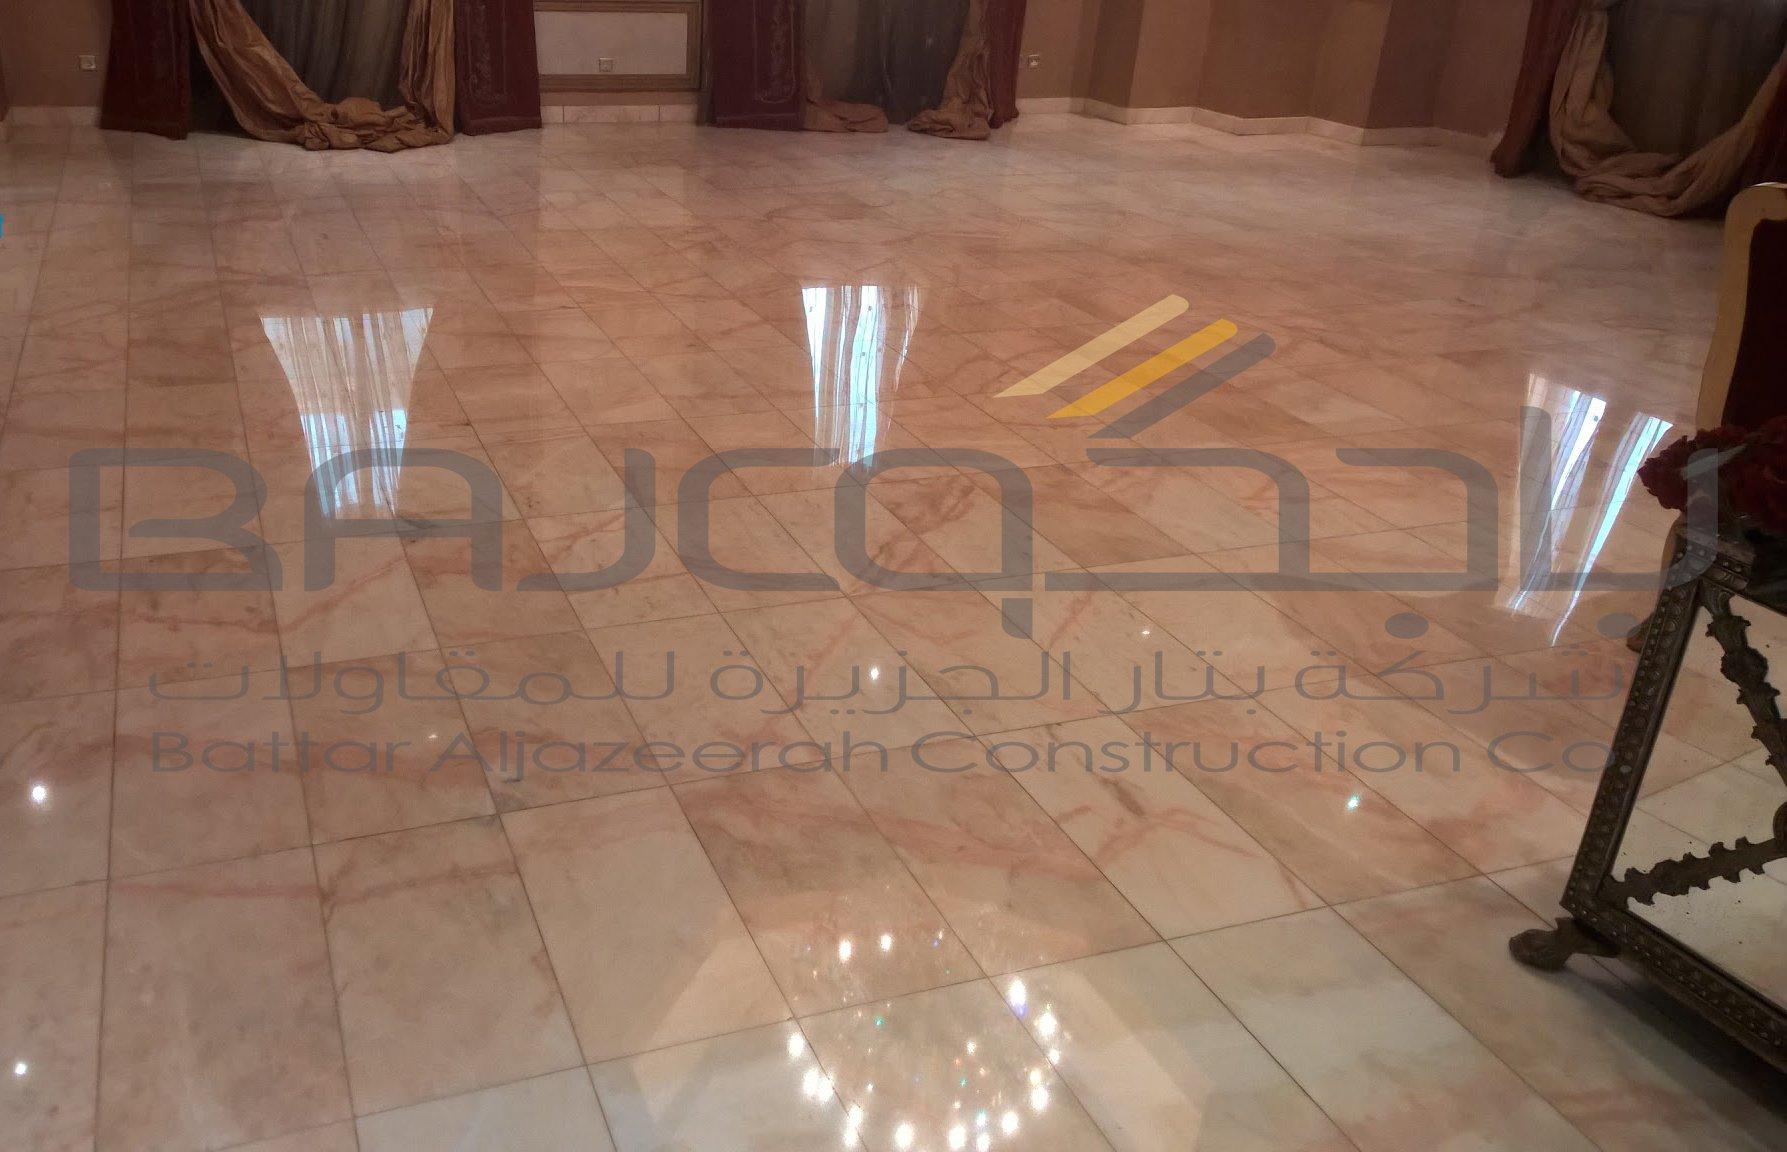 جلي رخام روزا في قصر خاص شركة بدء الانجاز للرخام باجكو Bajco